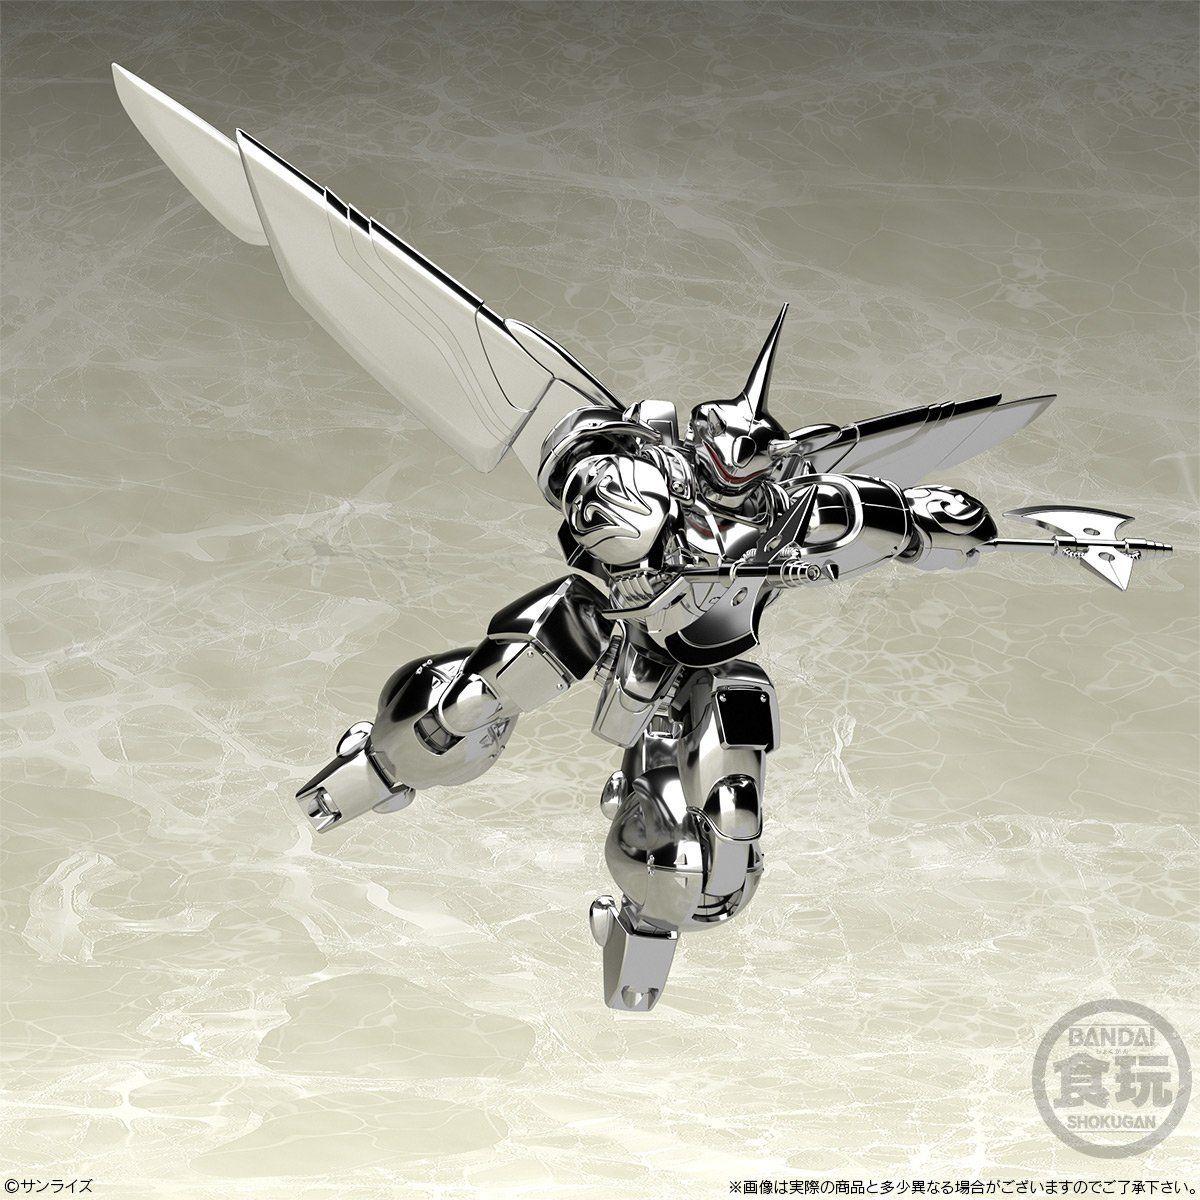 スーパーミニプラ『飛甲兵ウィンガル・ジー ハイ・シャルタット機|機甲界ガリアン』プラモデル-006